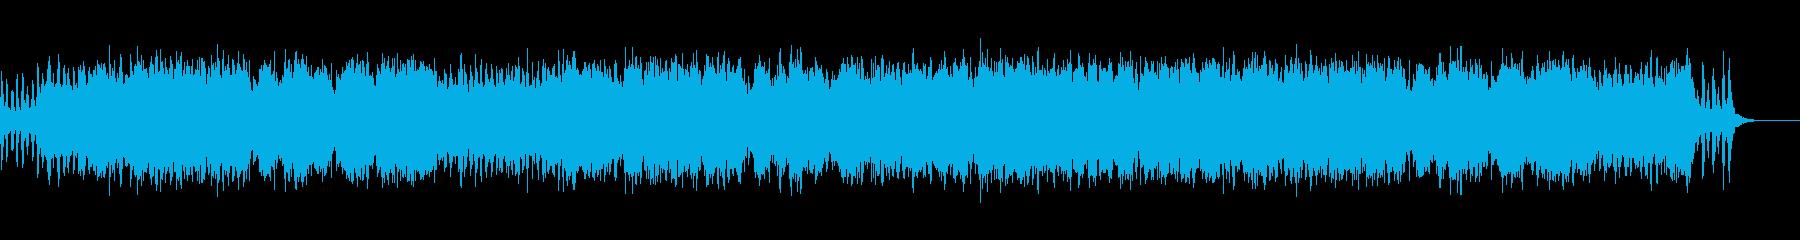 穏やかなストリングス曲の再生済みの波形